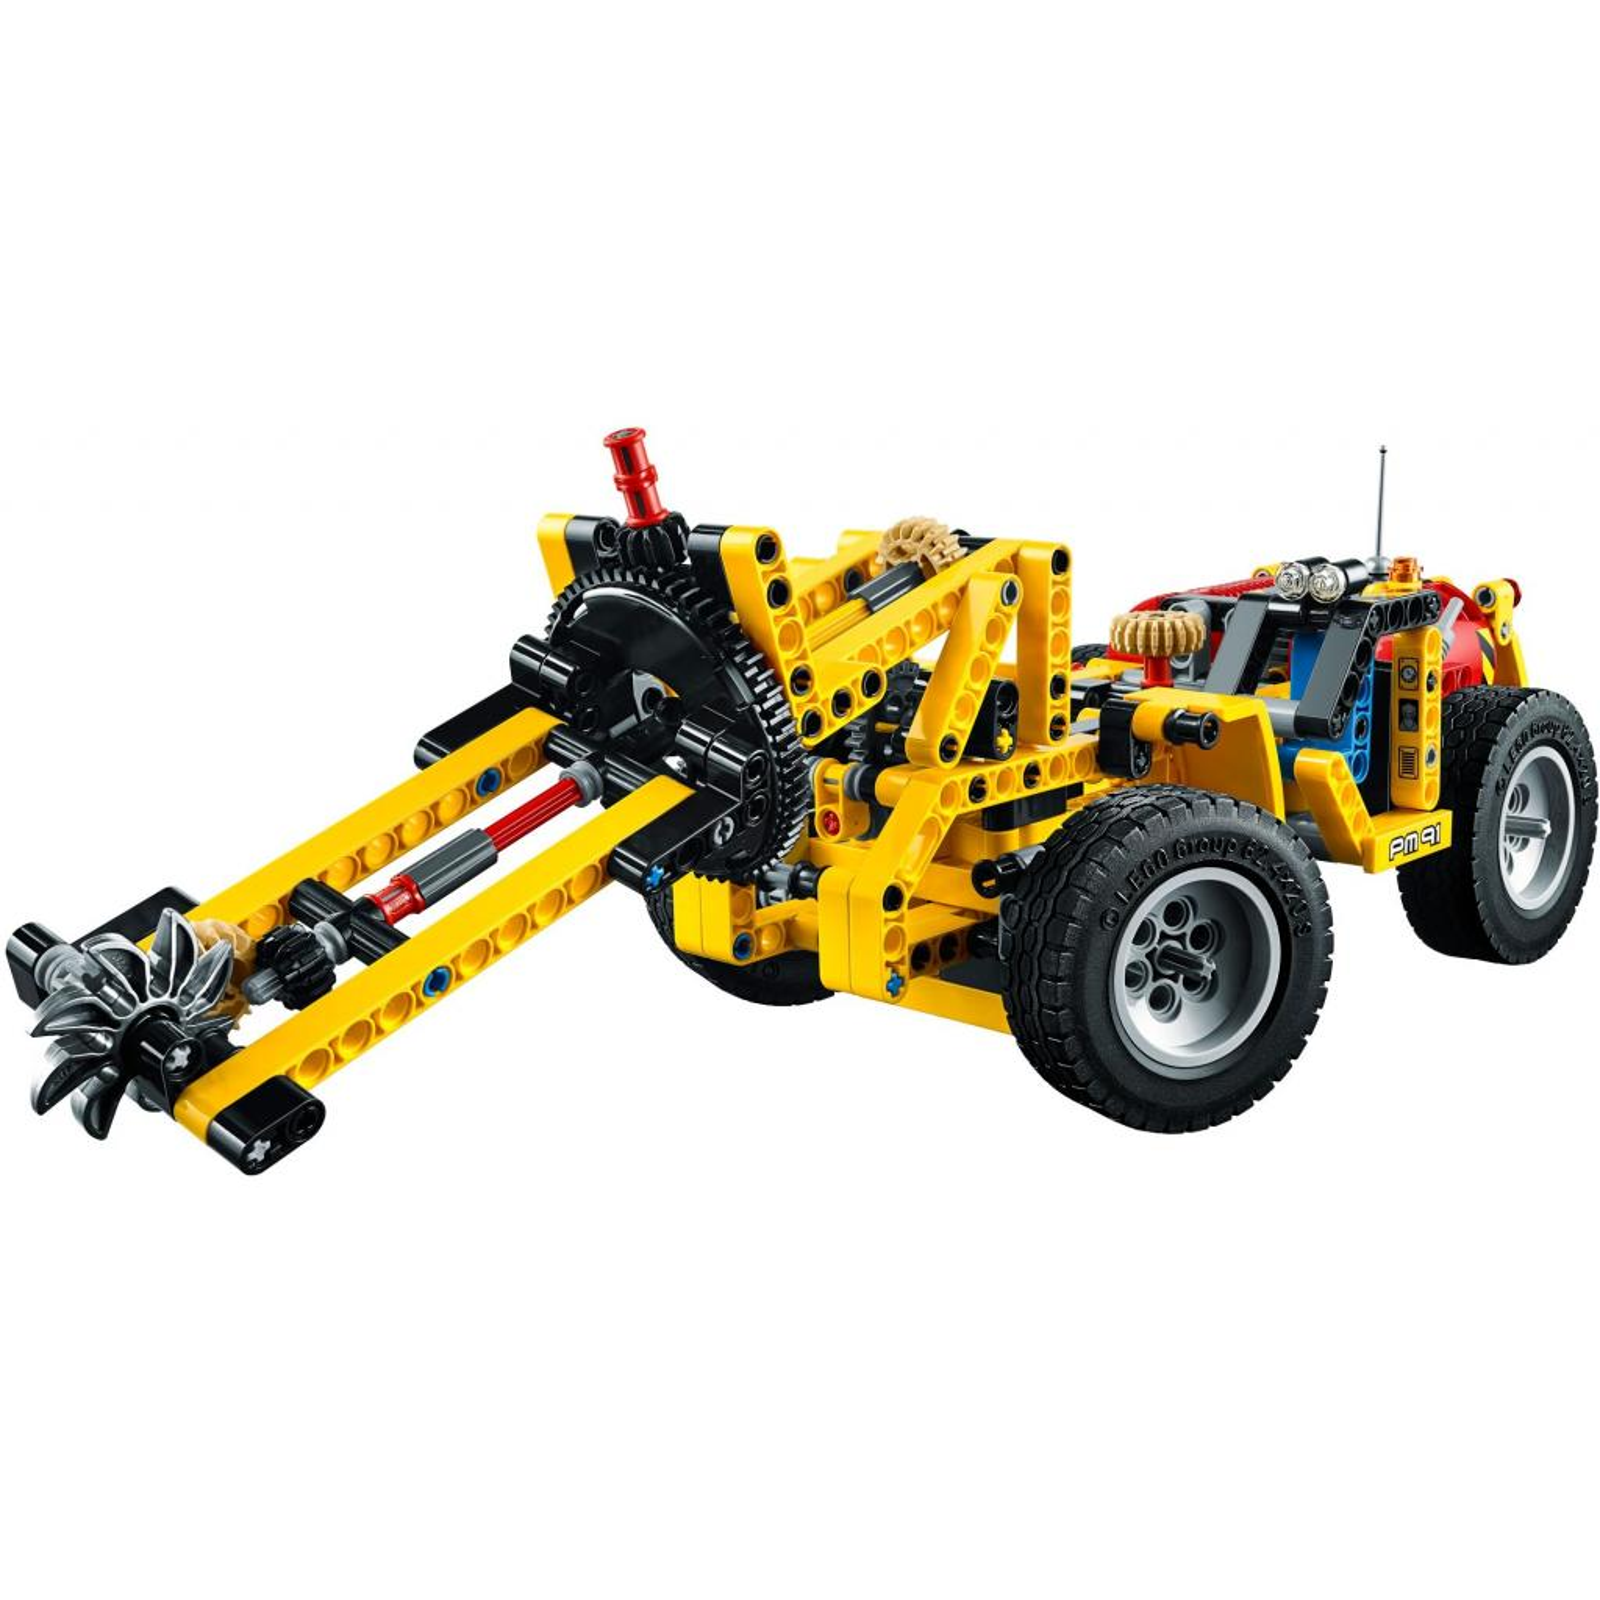 Конструктор LEGO Technic Карьерный погрузчик (42049) изображение 6